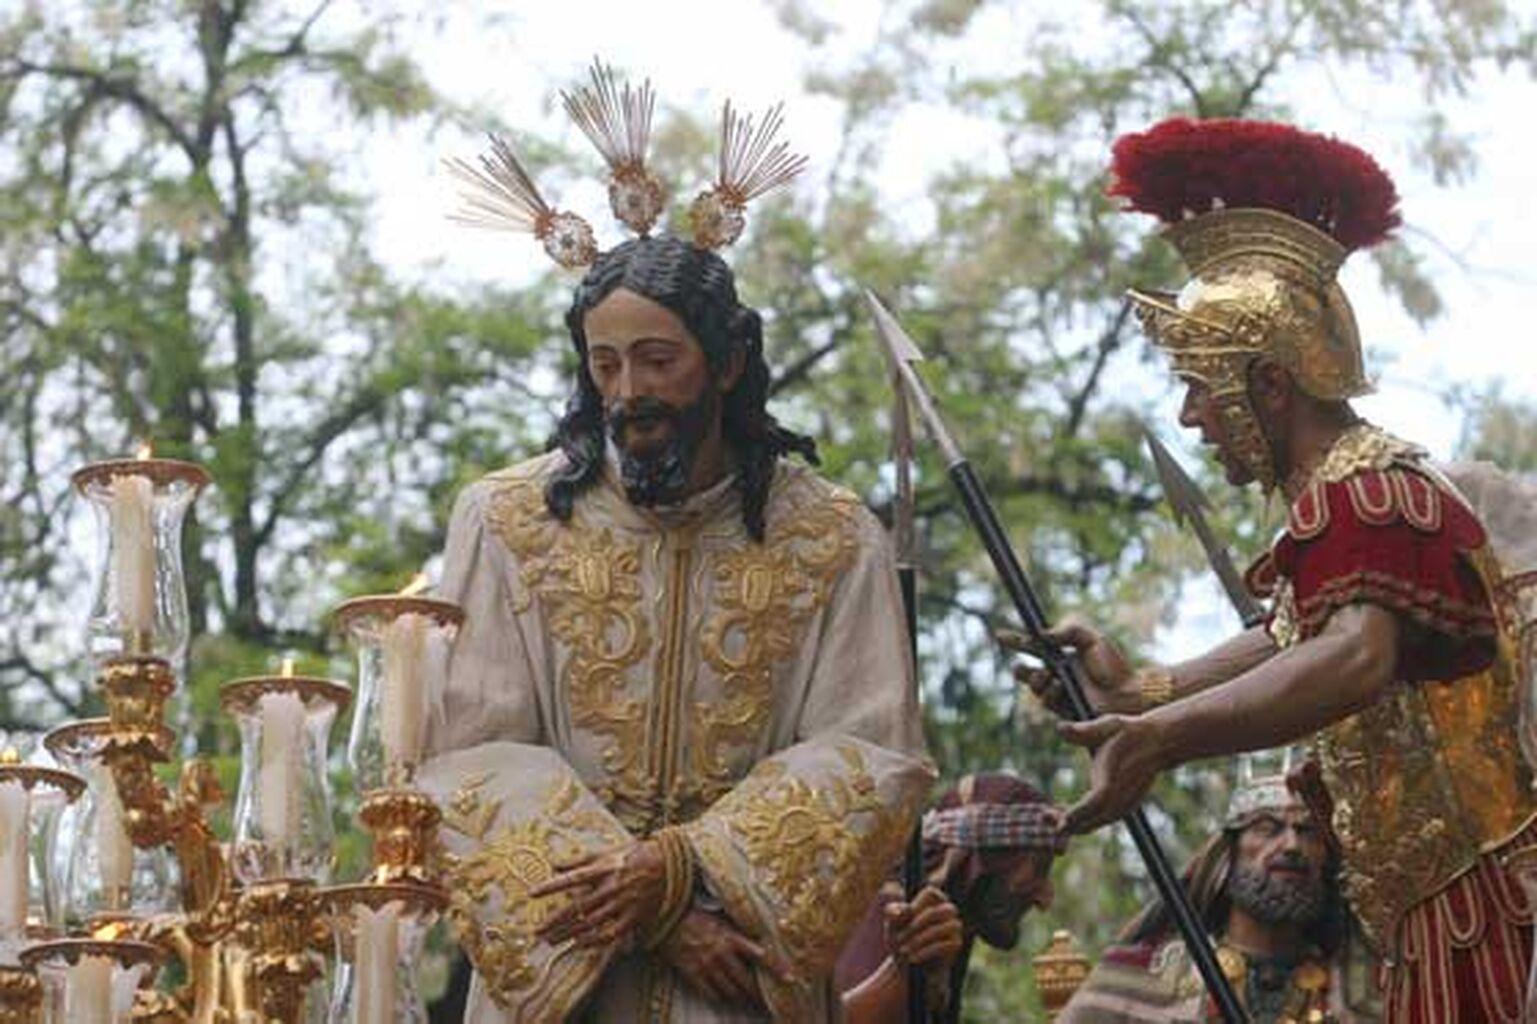 San Brilló La De Con Juan Amargura Palma kZuXOPi